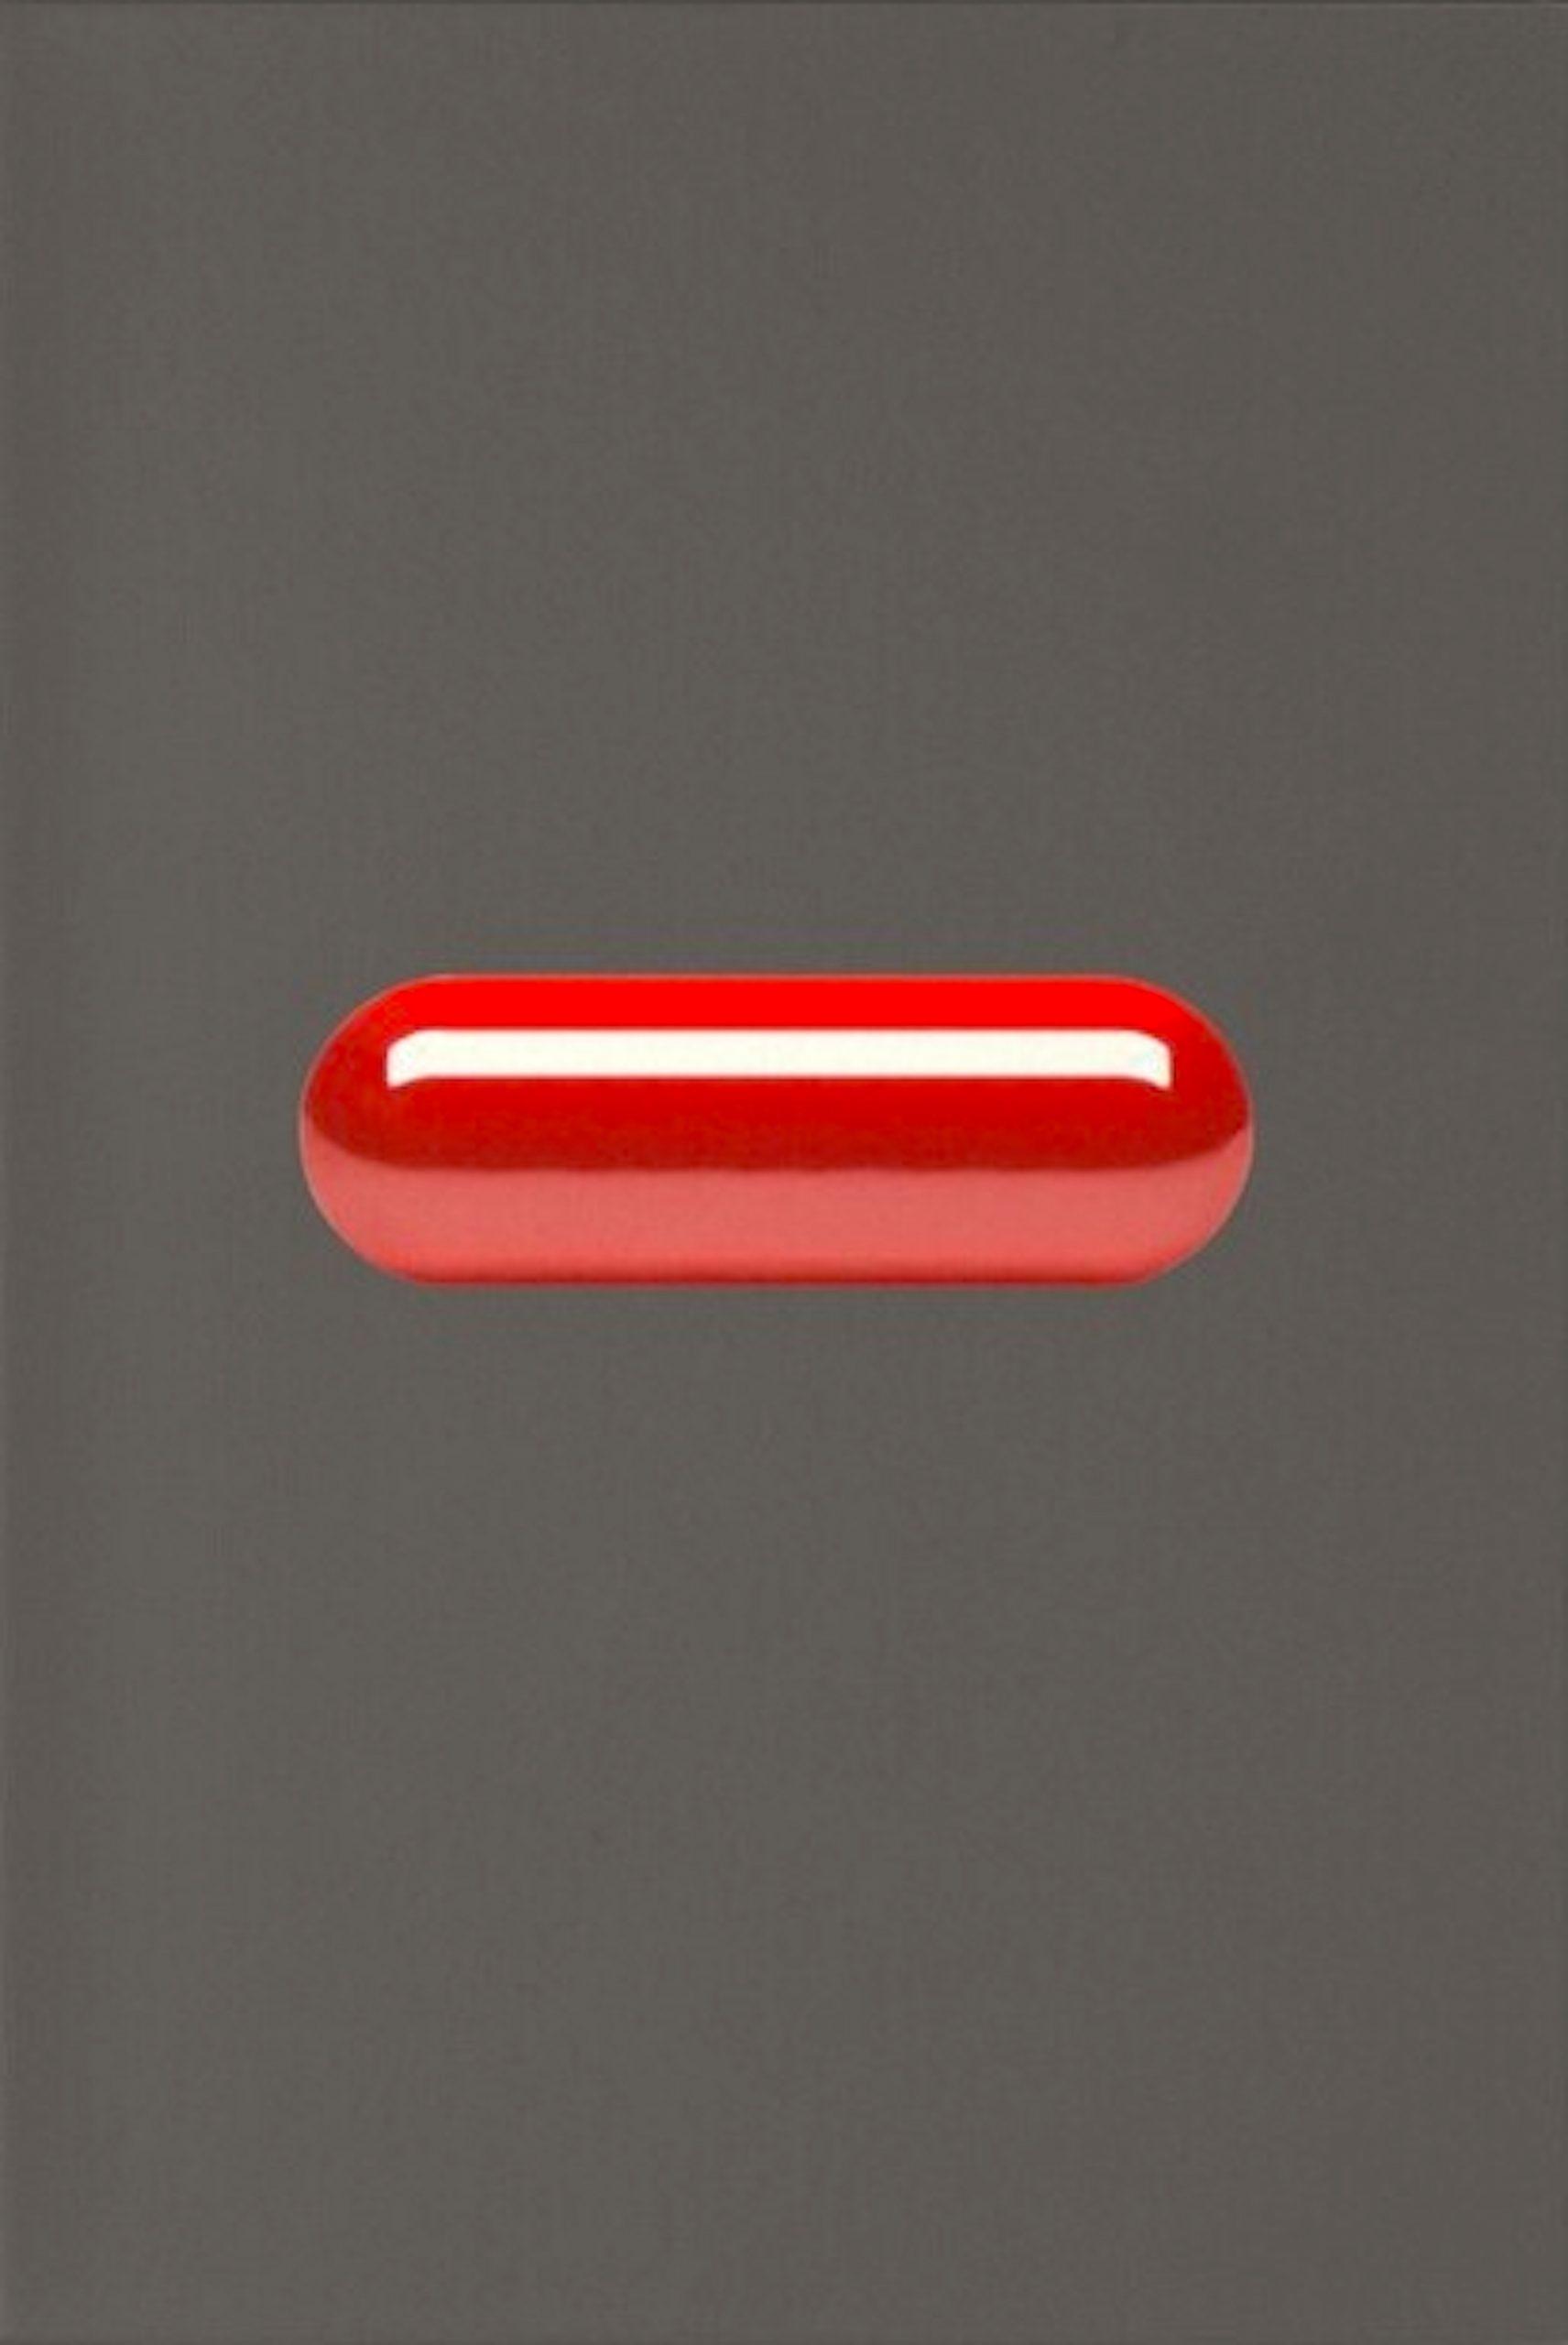 Red Pill Journal (foto Facebook)